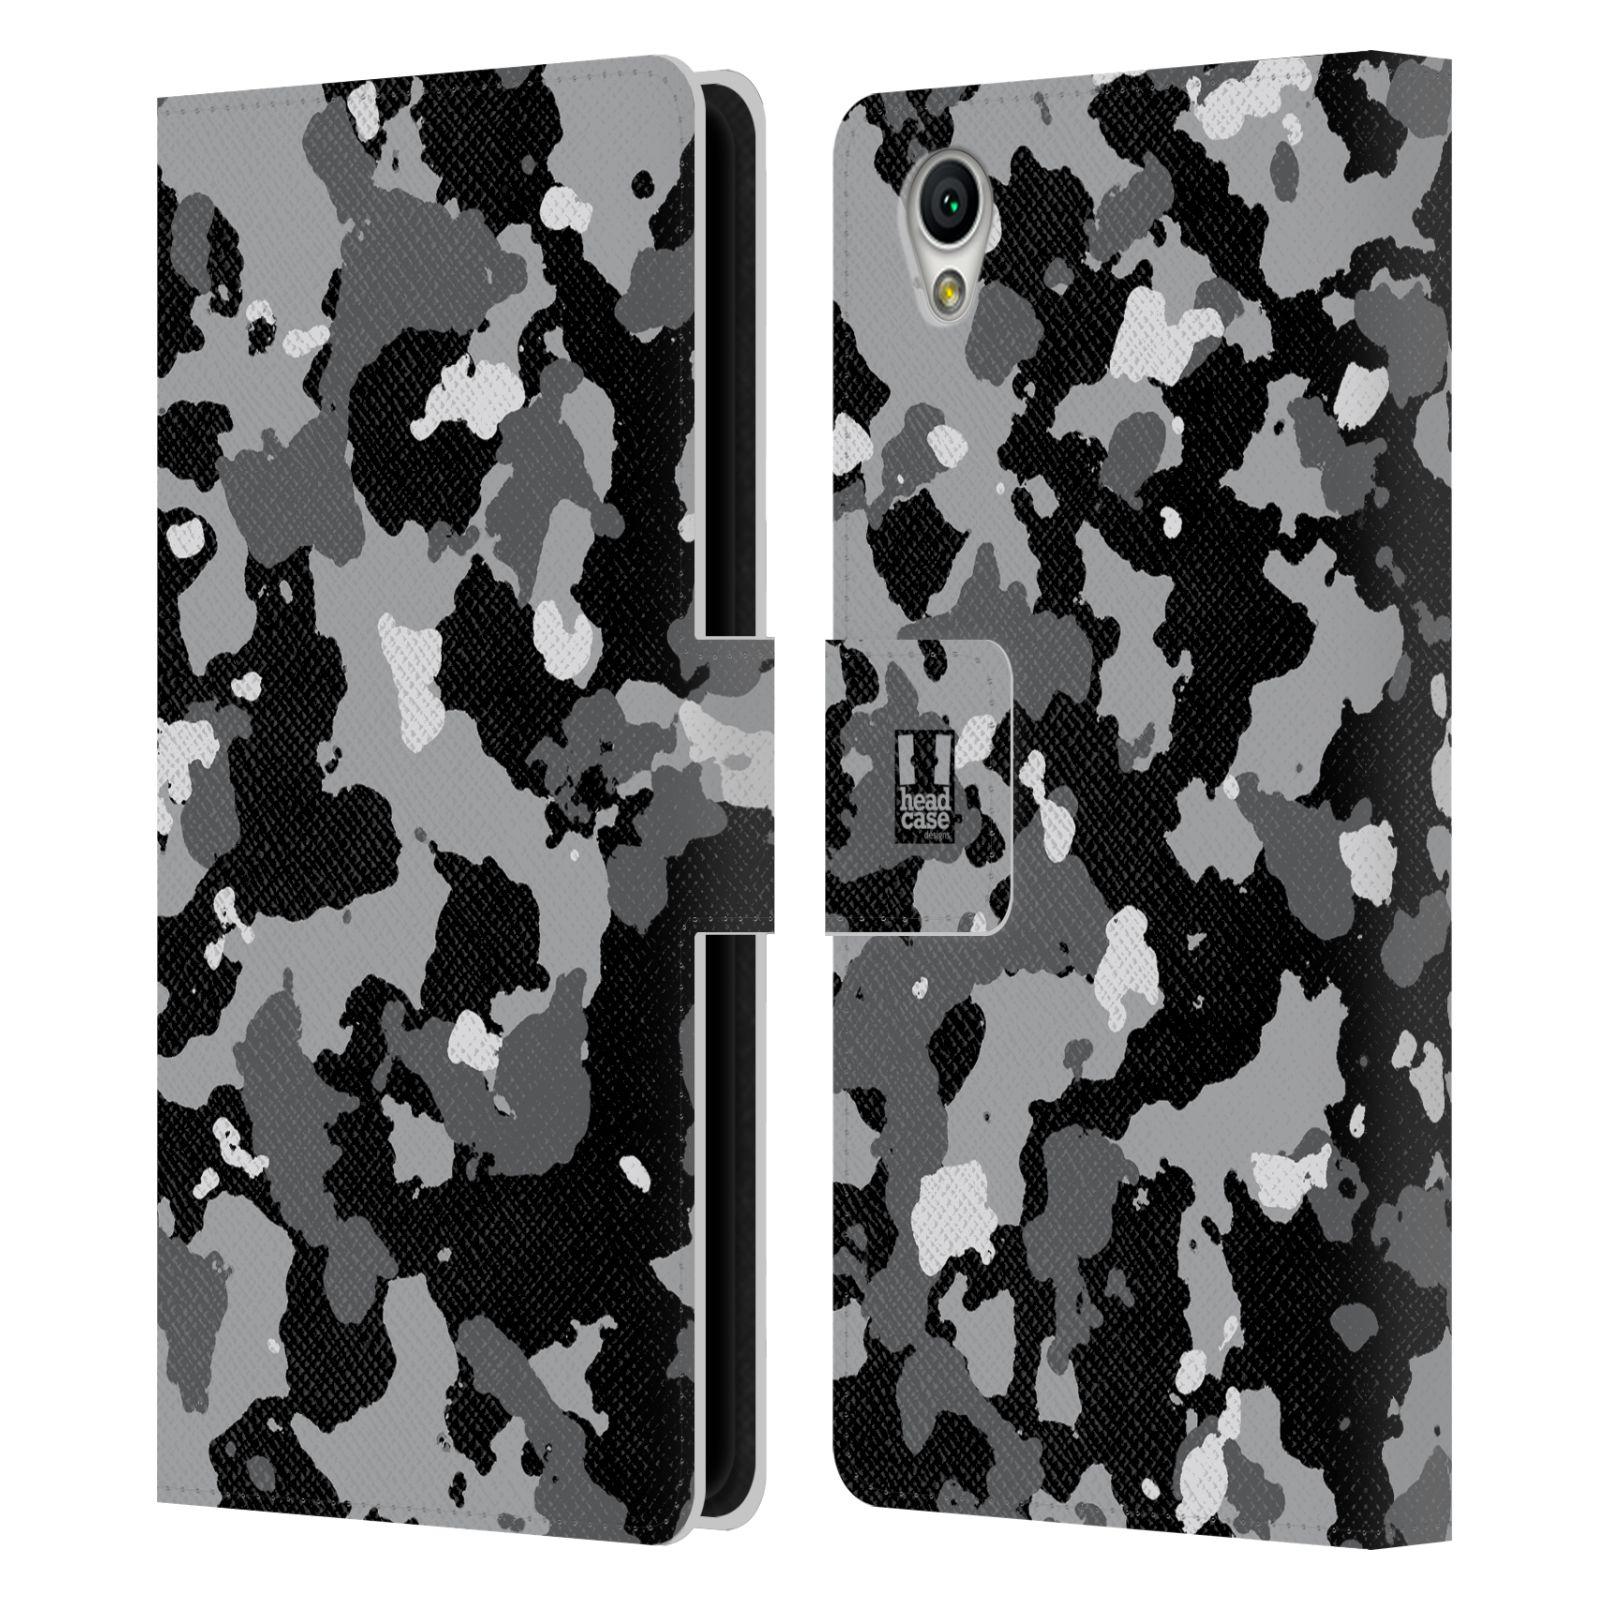 Pouzdro na mobil Sony Xperia L1 - Head Case - kamuflaž černá a šedá